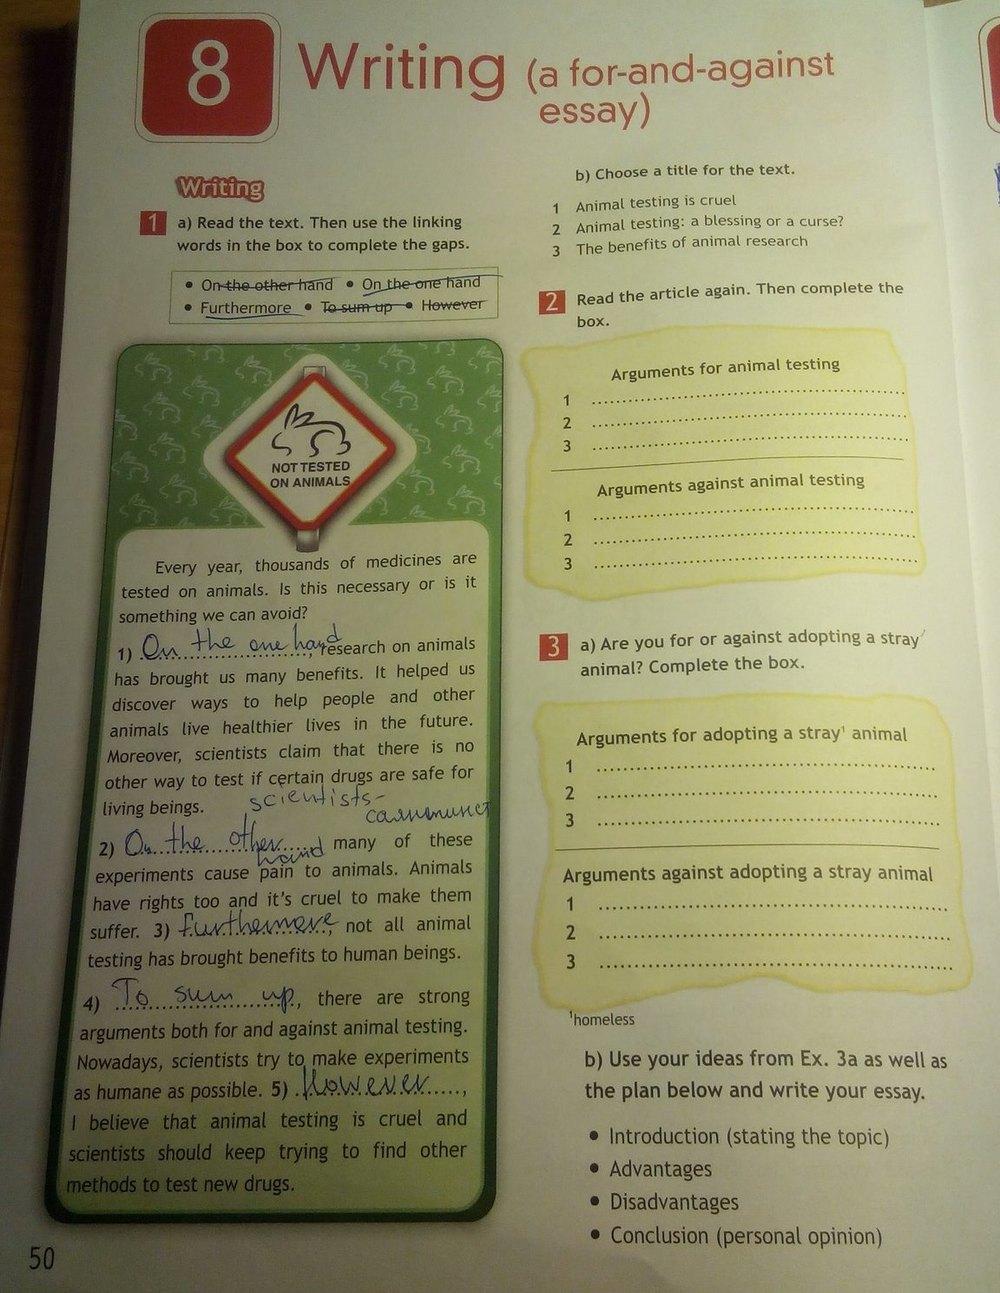 решебник по английскому языку 7 класс virginia evans тетрадь